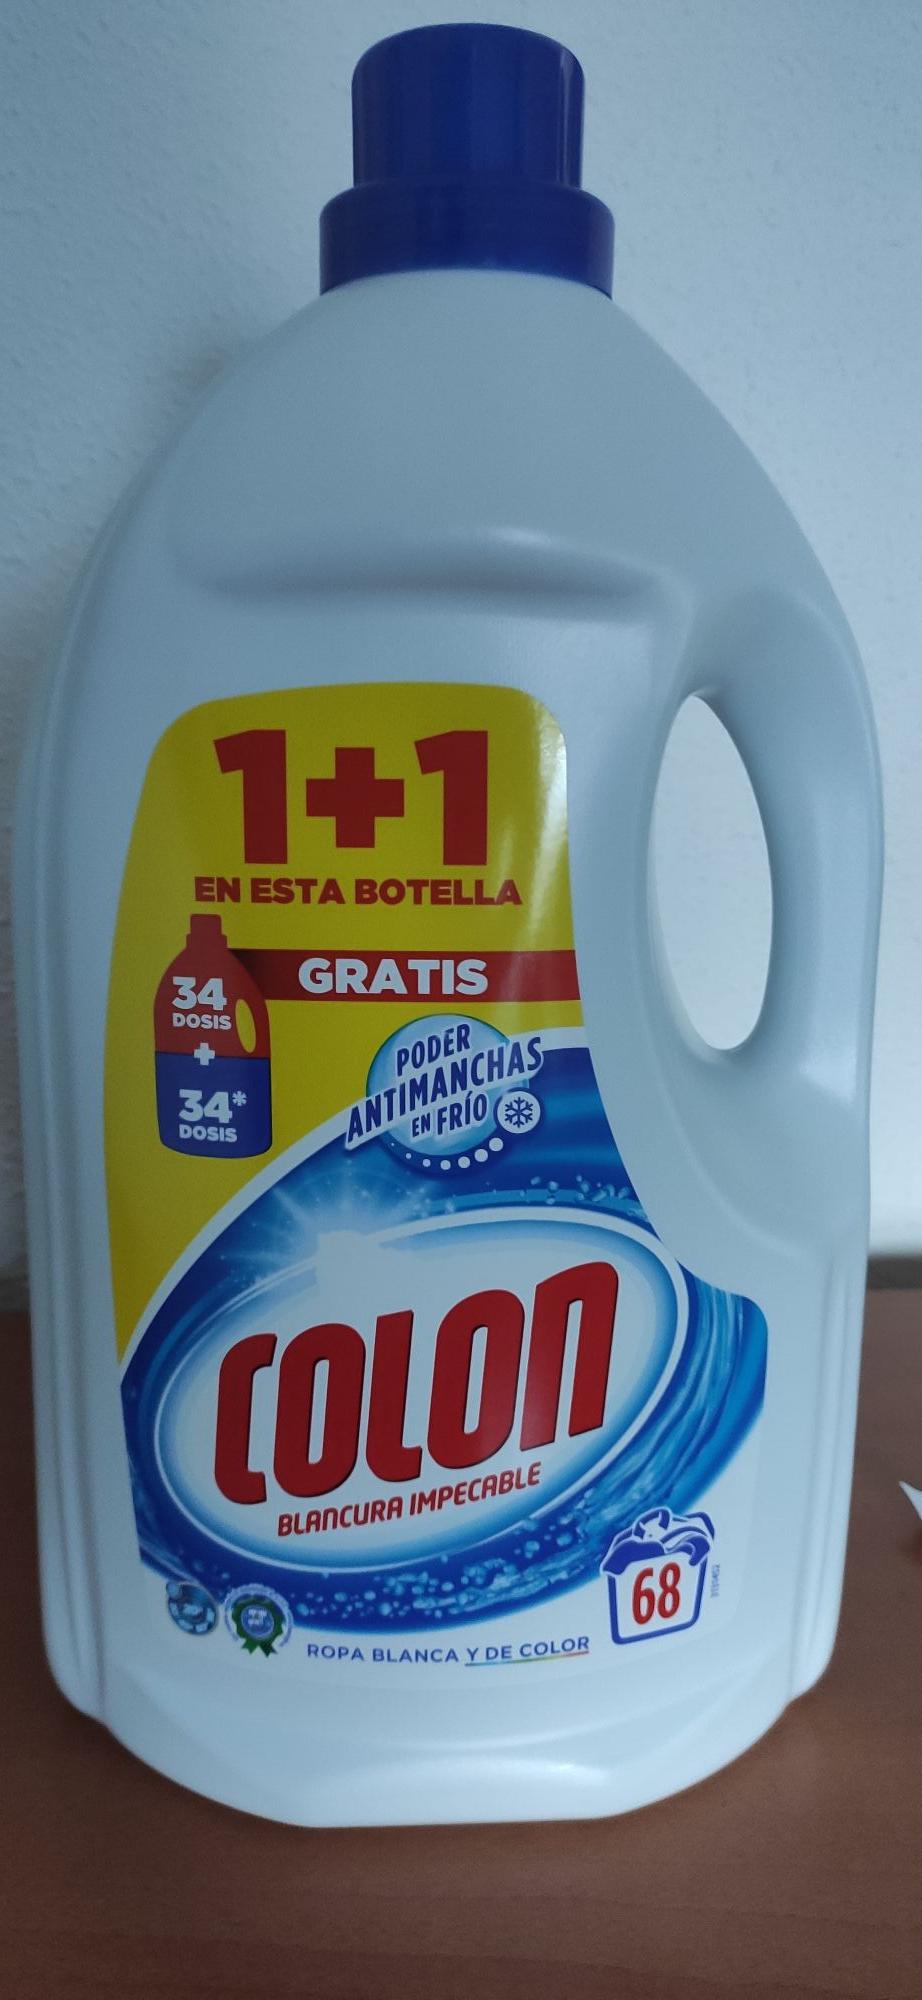 Detergente Colón gel activo 68 lavados (34+34, tienda física)